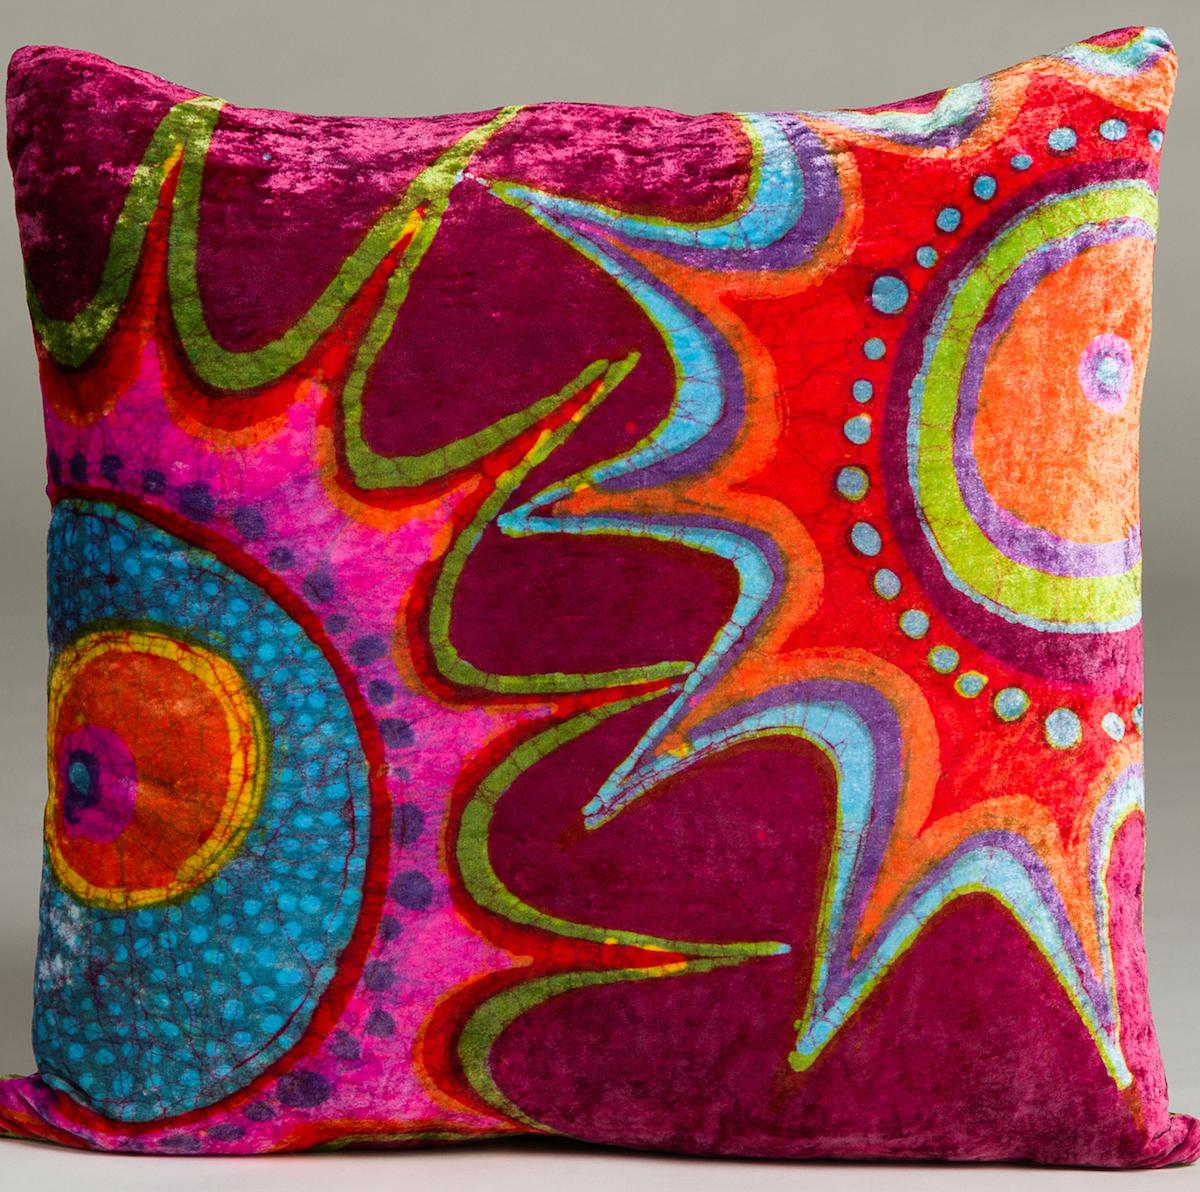 Hooey Batiks   Website:  www.hooeybatiks.com